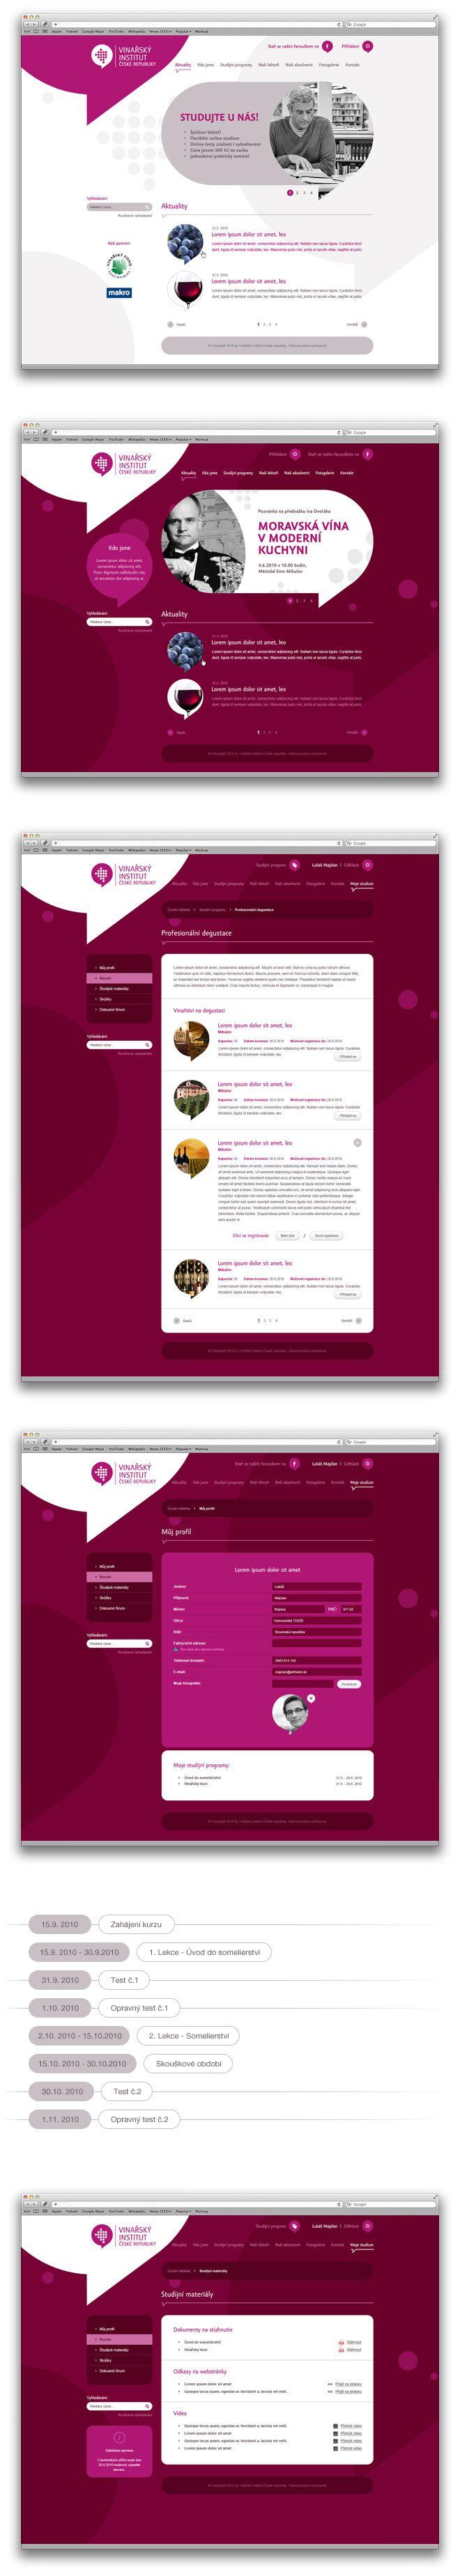 Vinařský institut | Art4web | Kreatívna internetová agentúra | Tvorba webstránok, Grafický design, Copywriting, SEO